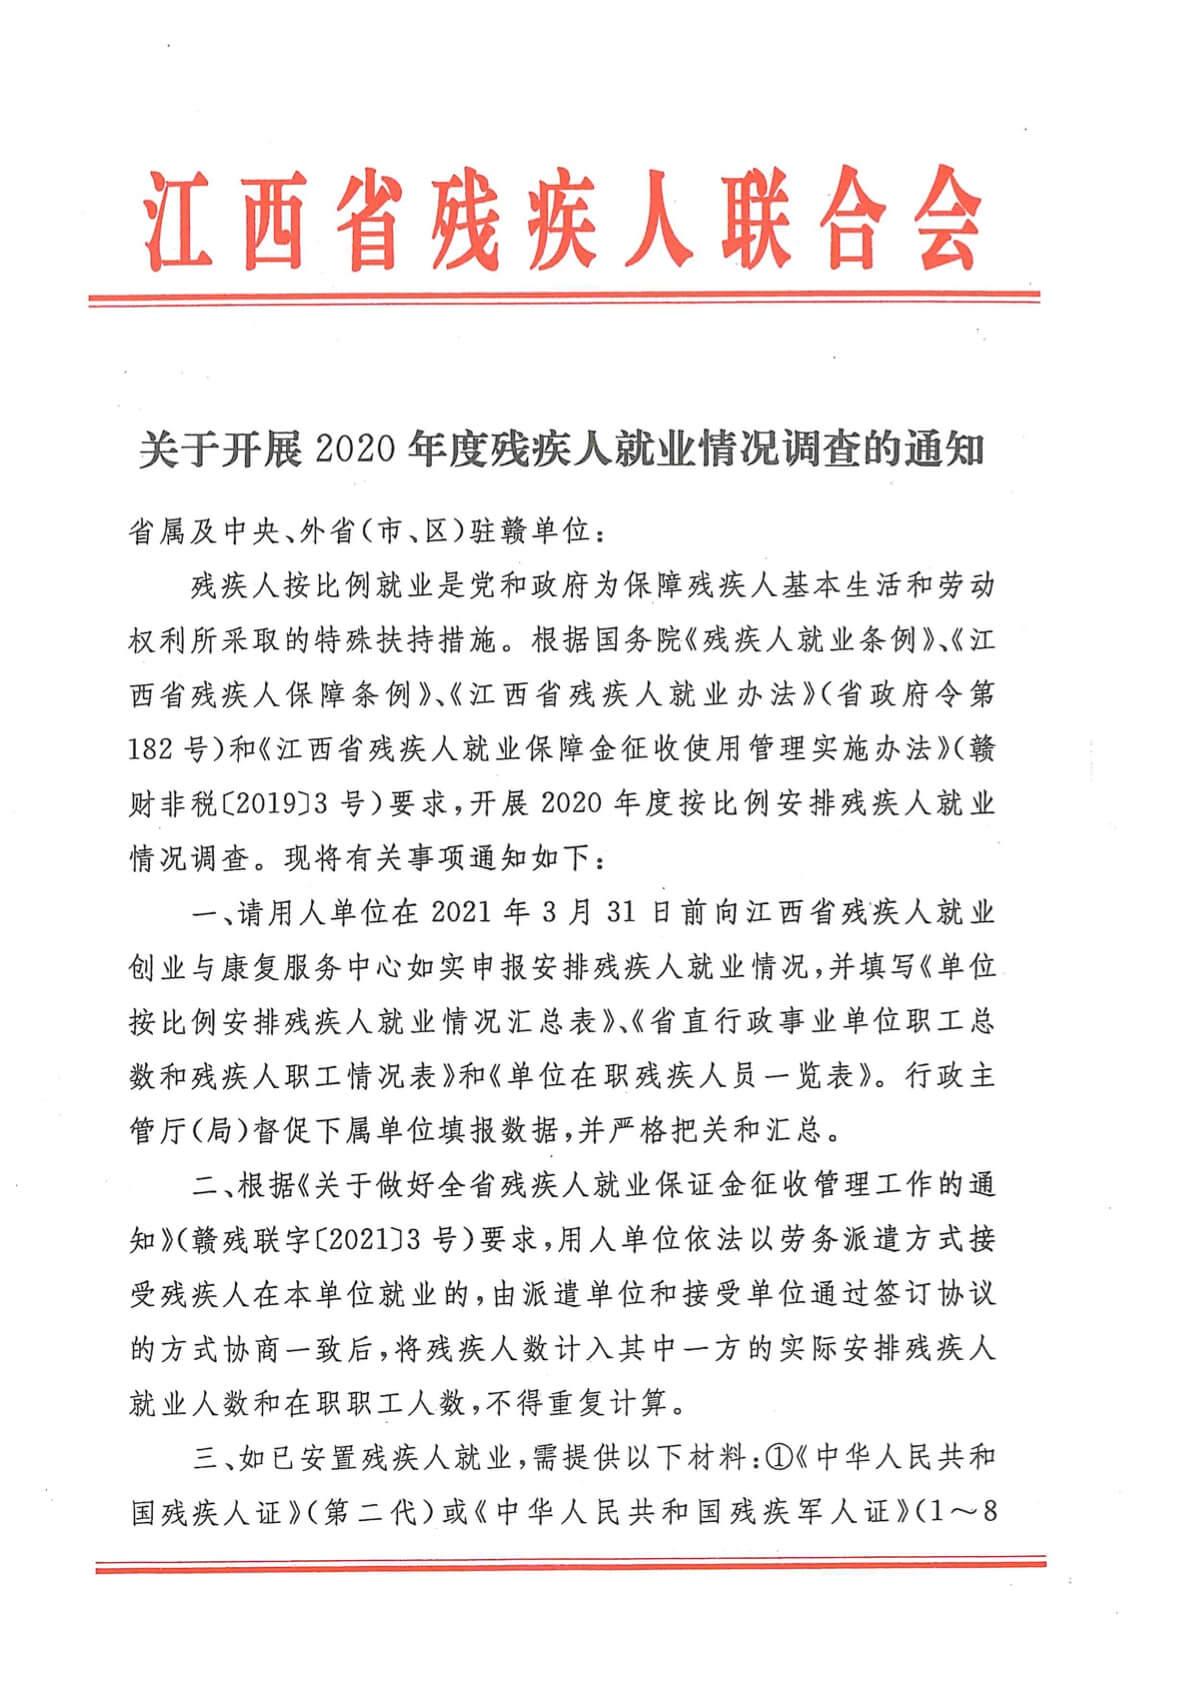 江西省残联《关于开展2020年度残疾人就业情况调查的通知》插图